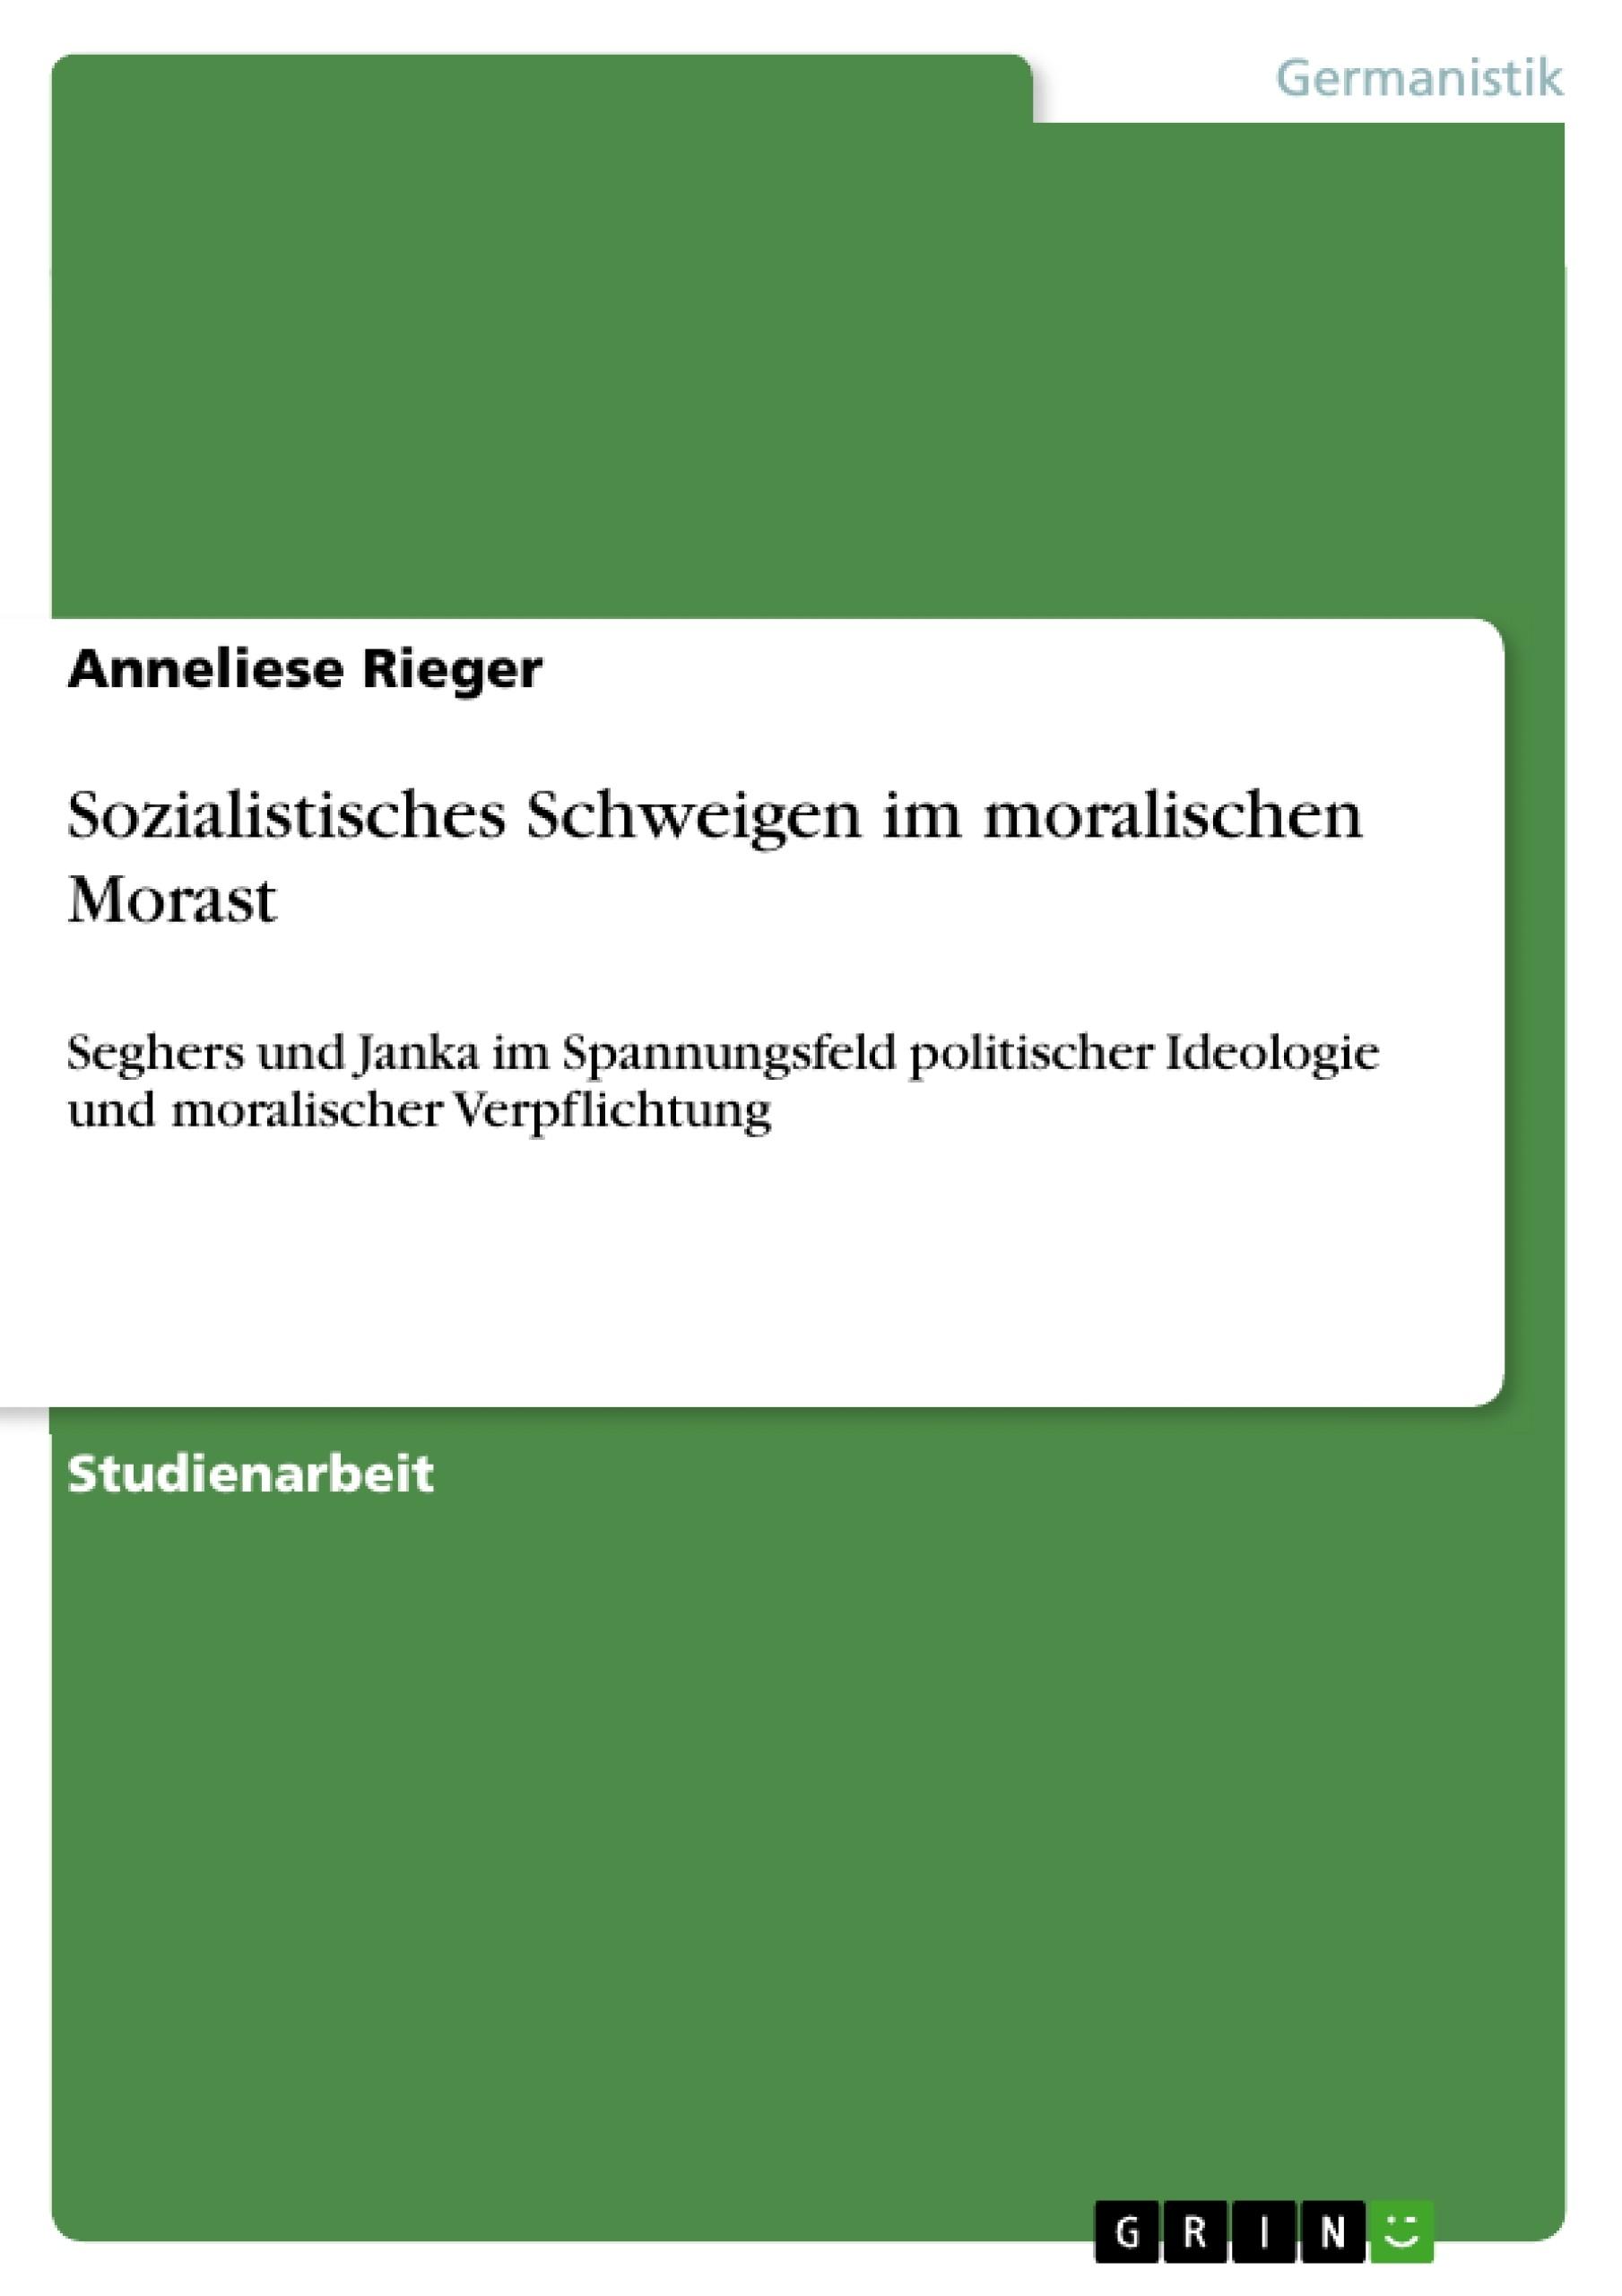 Titel: Sozialistisches Schweigen  im moralischen Morast